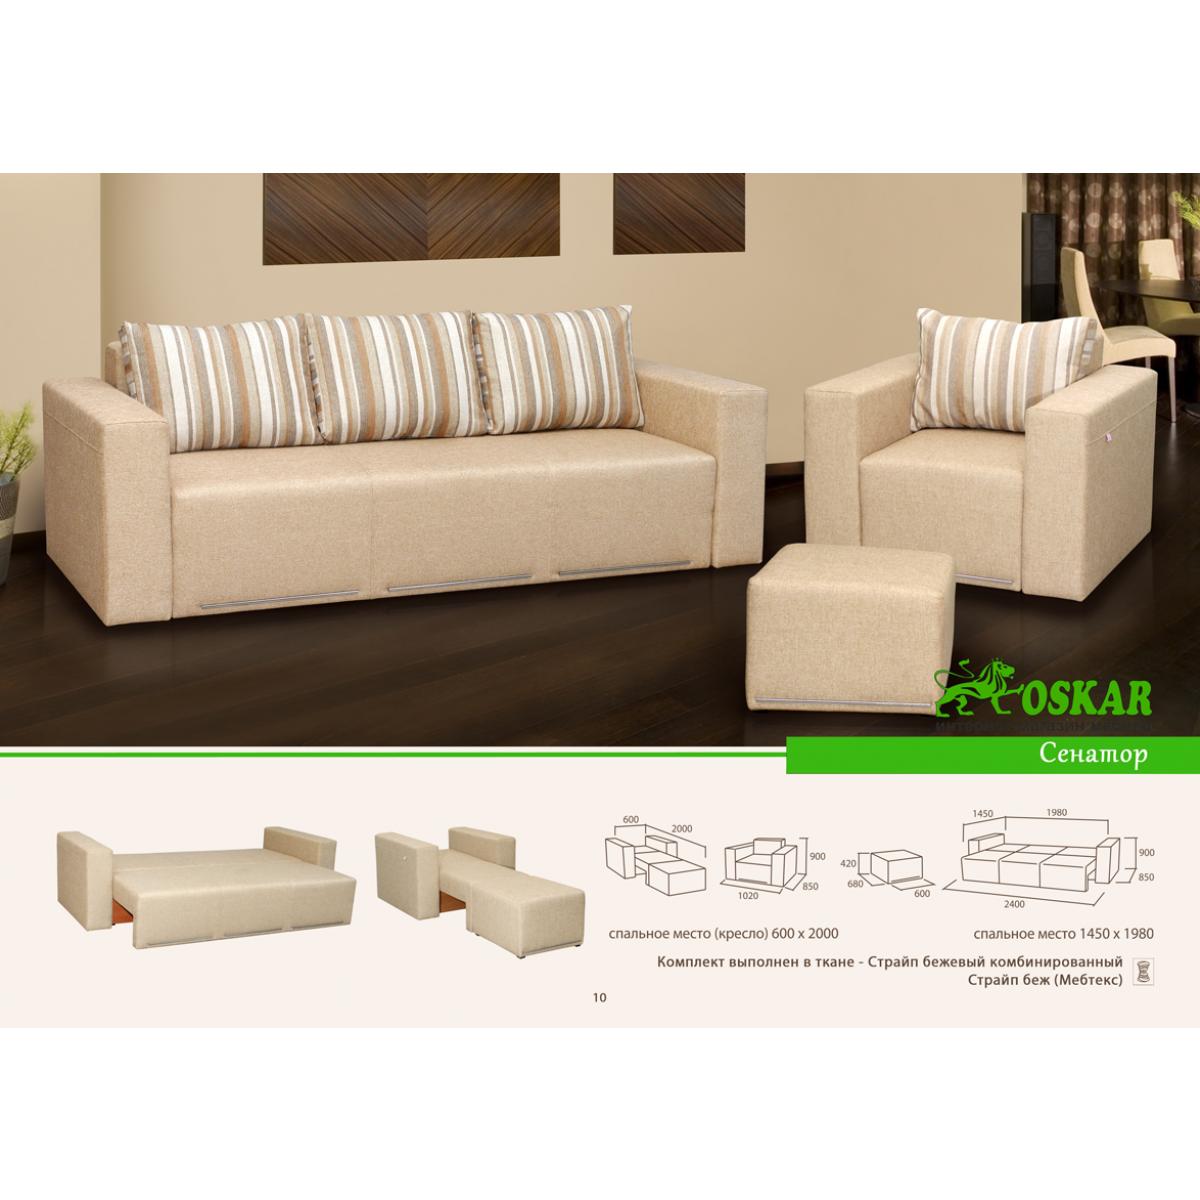 купить диван в полтаве диваны в магазине оскар